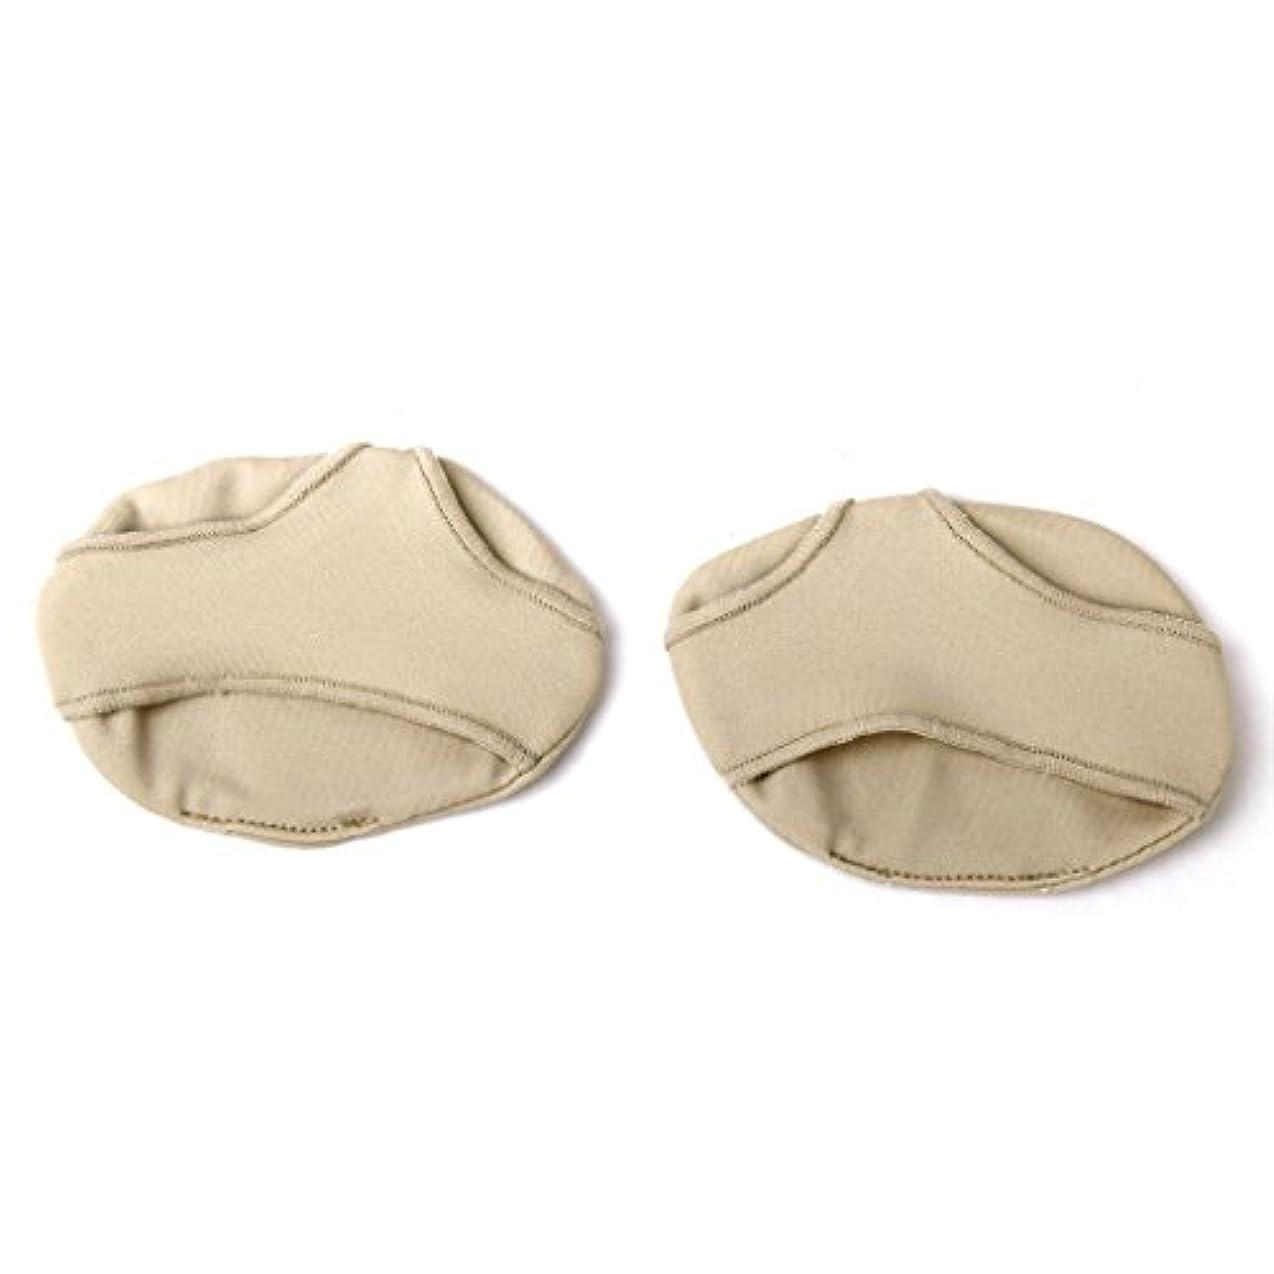 寄託摂氏度バナーNaliovker ペアの低中足パッド クッションブランケット 前足の痛みを和らげるためのストラップ付きインソール Y形